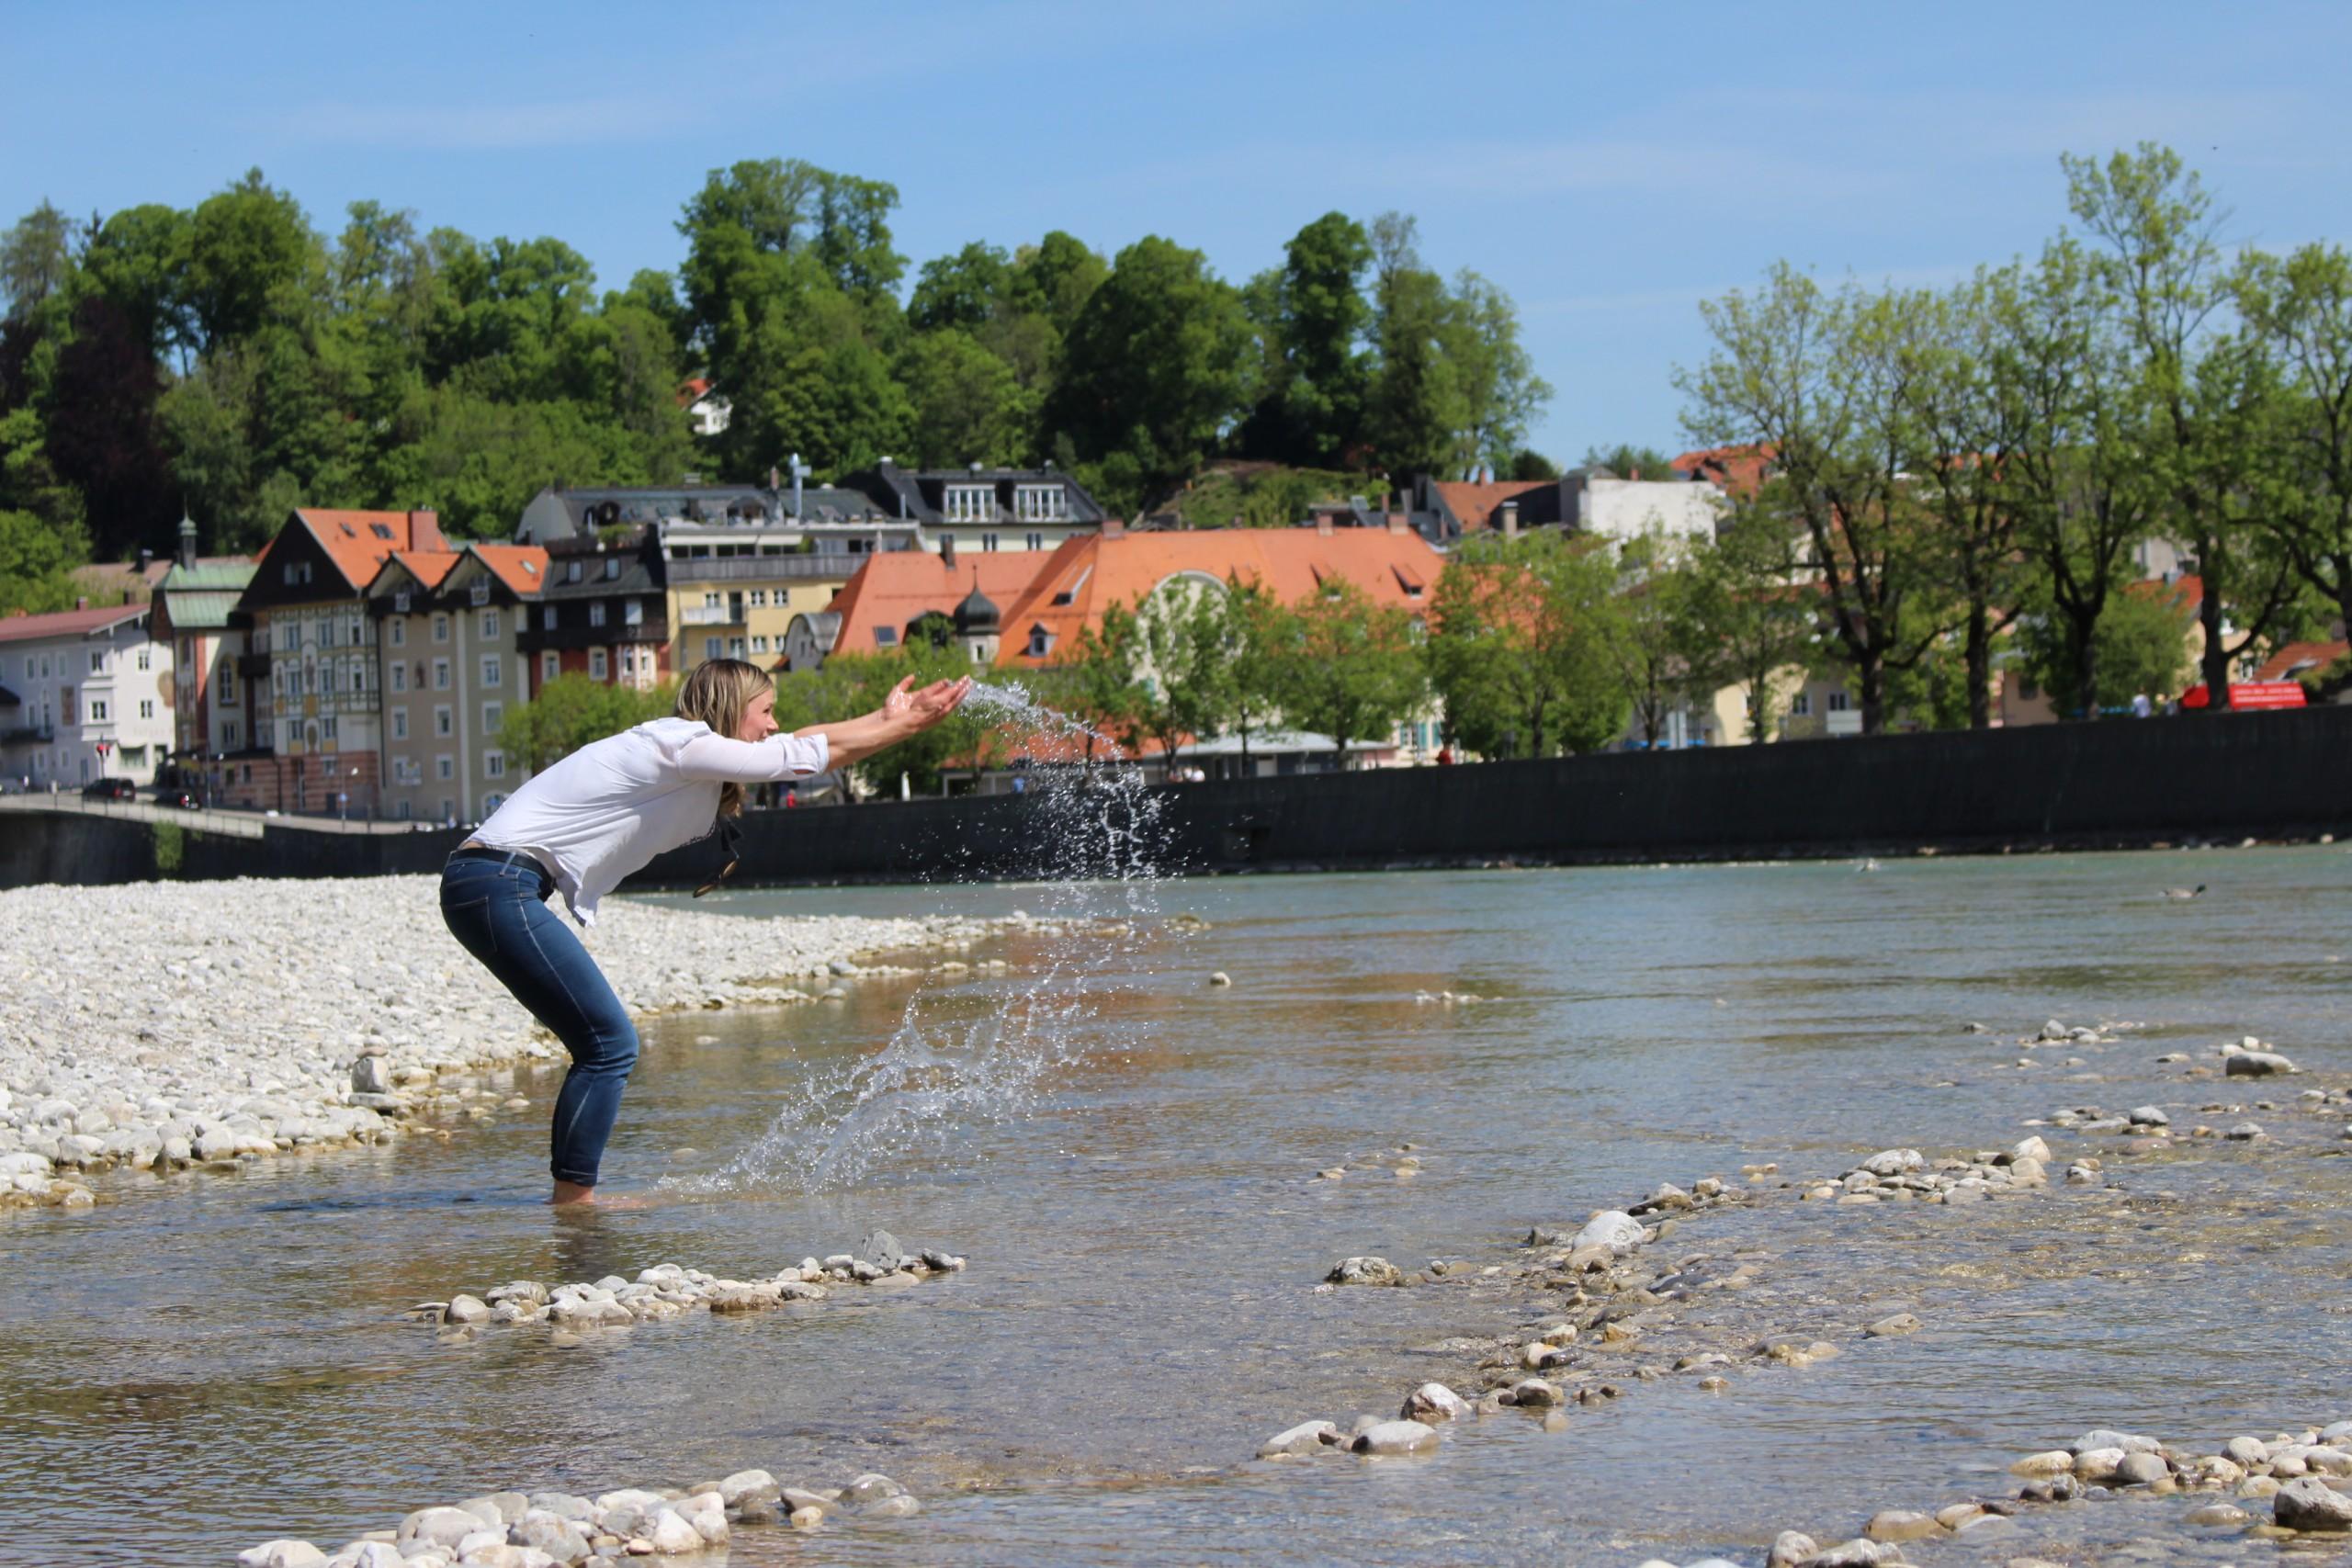 Fluss & Menschen